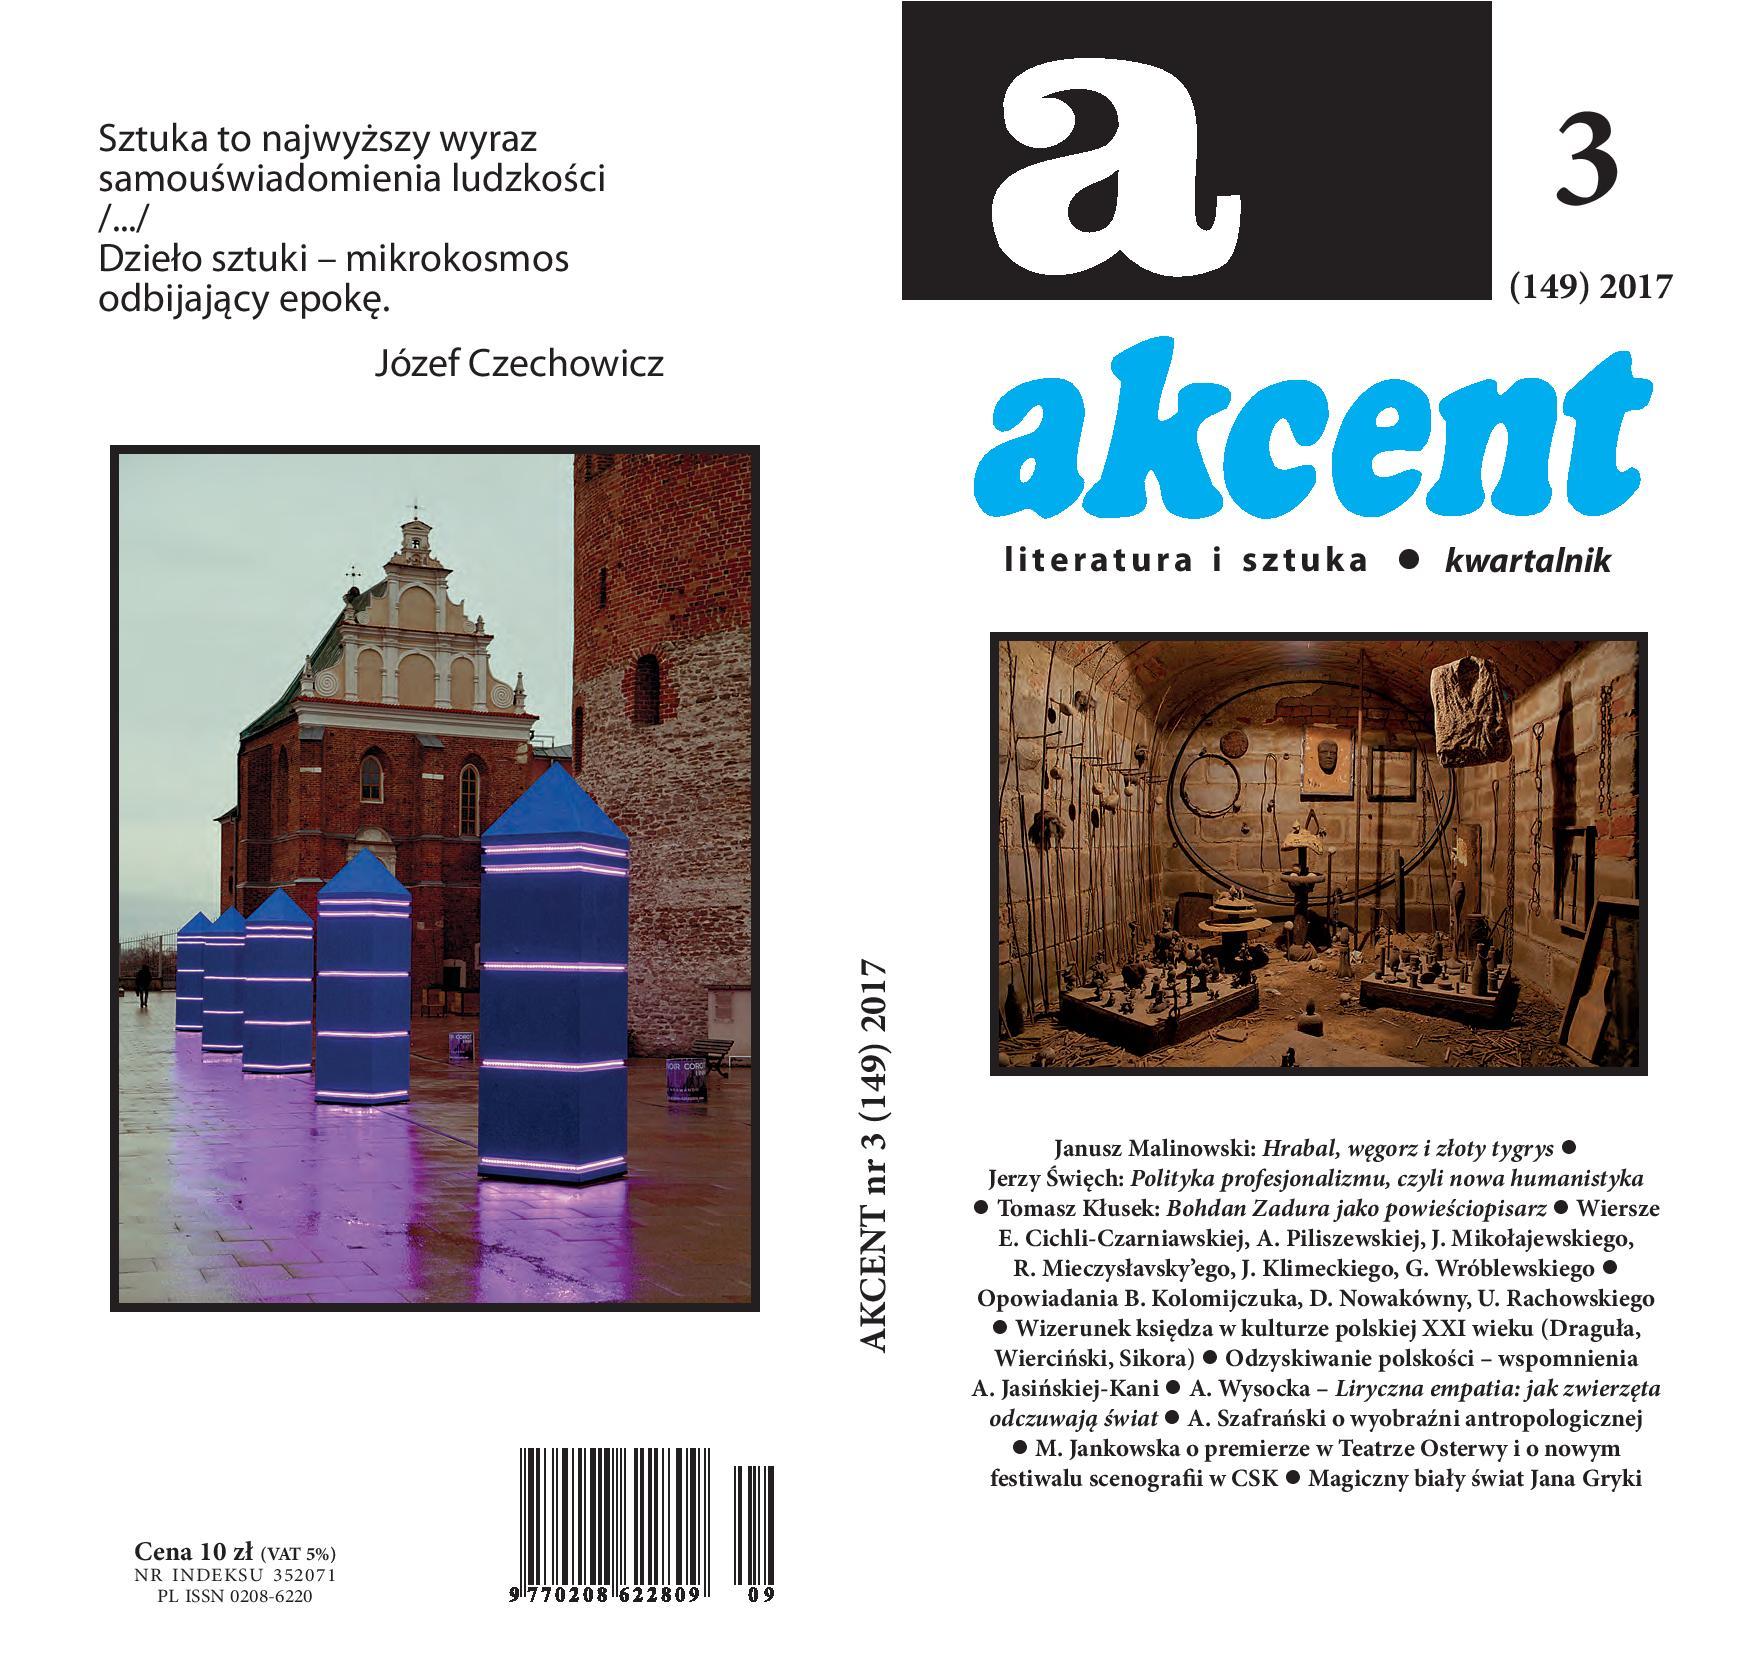 """Kwartalnik""""Akcent"""", nr 3/2017 – okładka (źródło: materiały prasowe wydawcy)"""